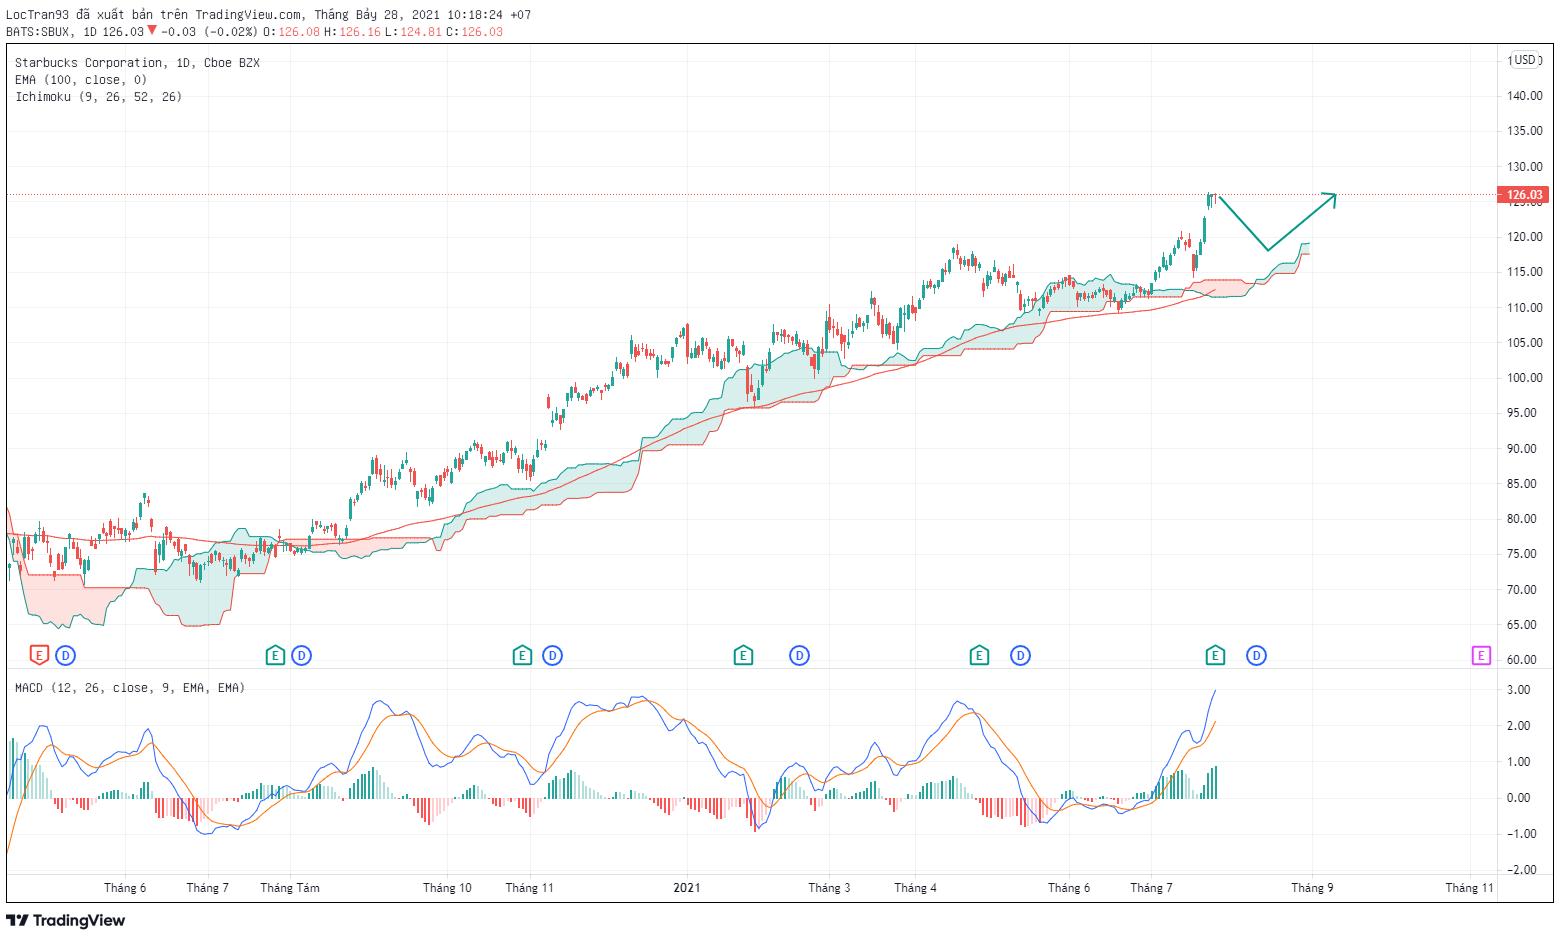 Cổ phiếu STARBUCK khung thời gian 1D